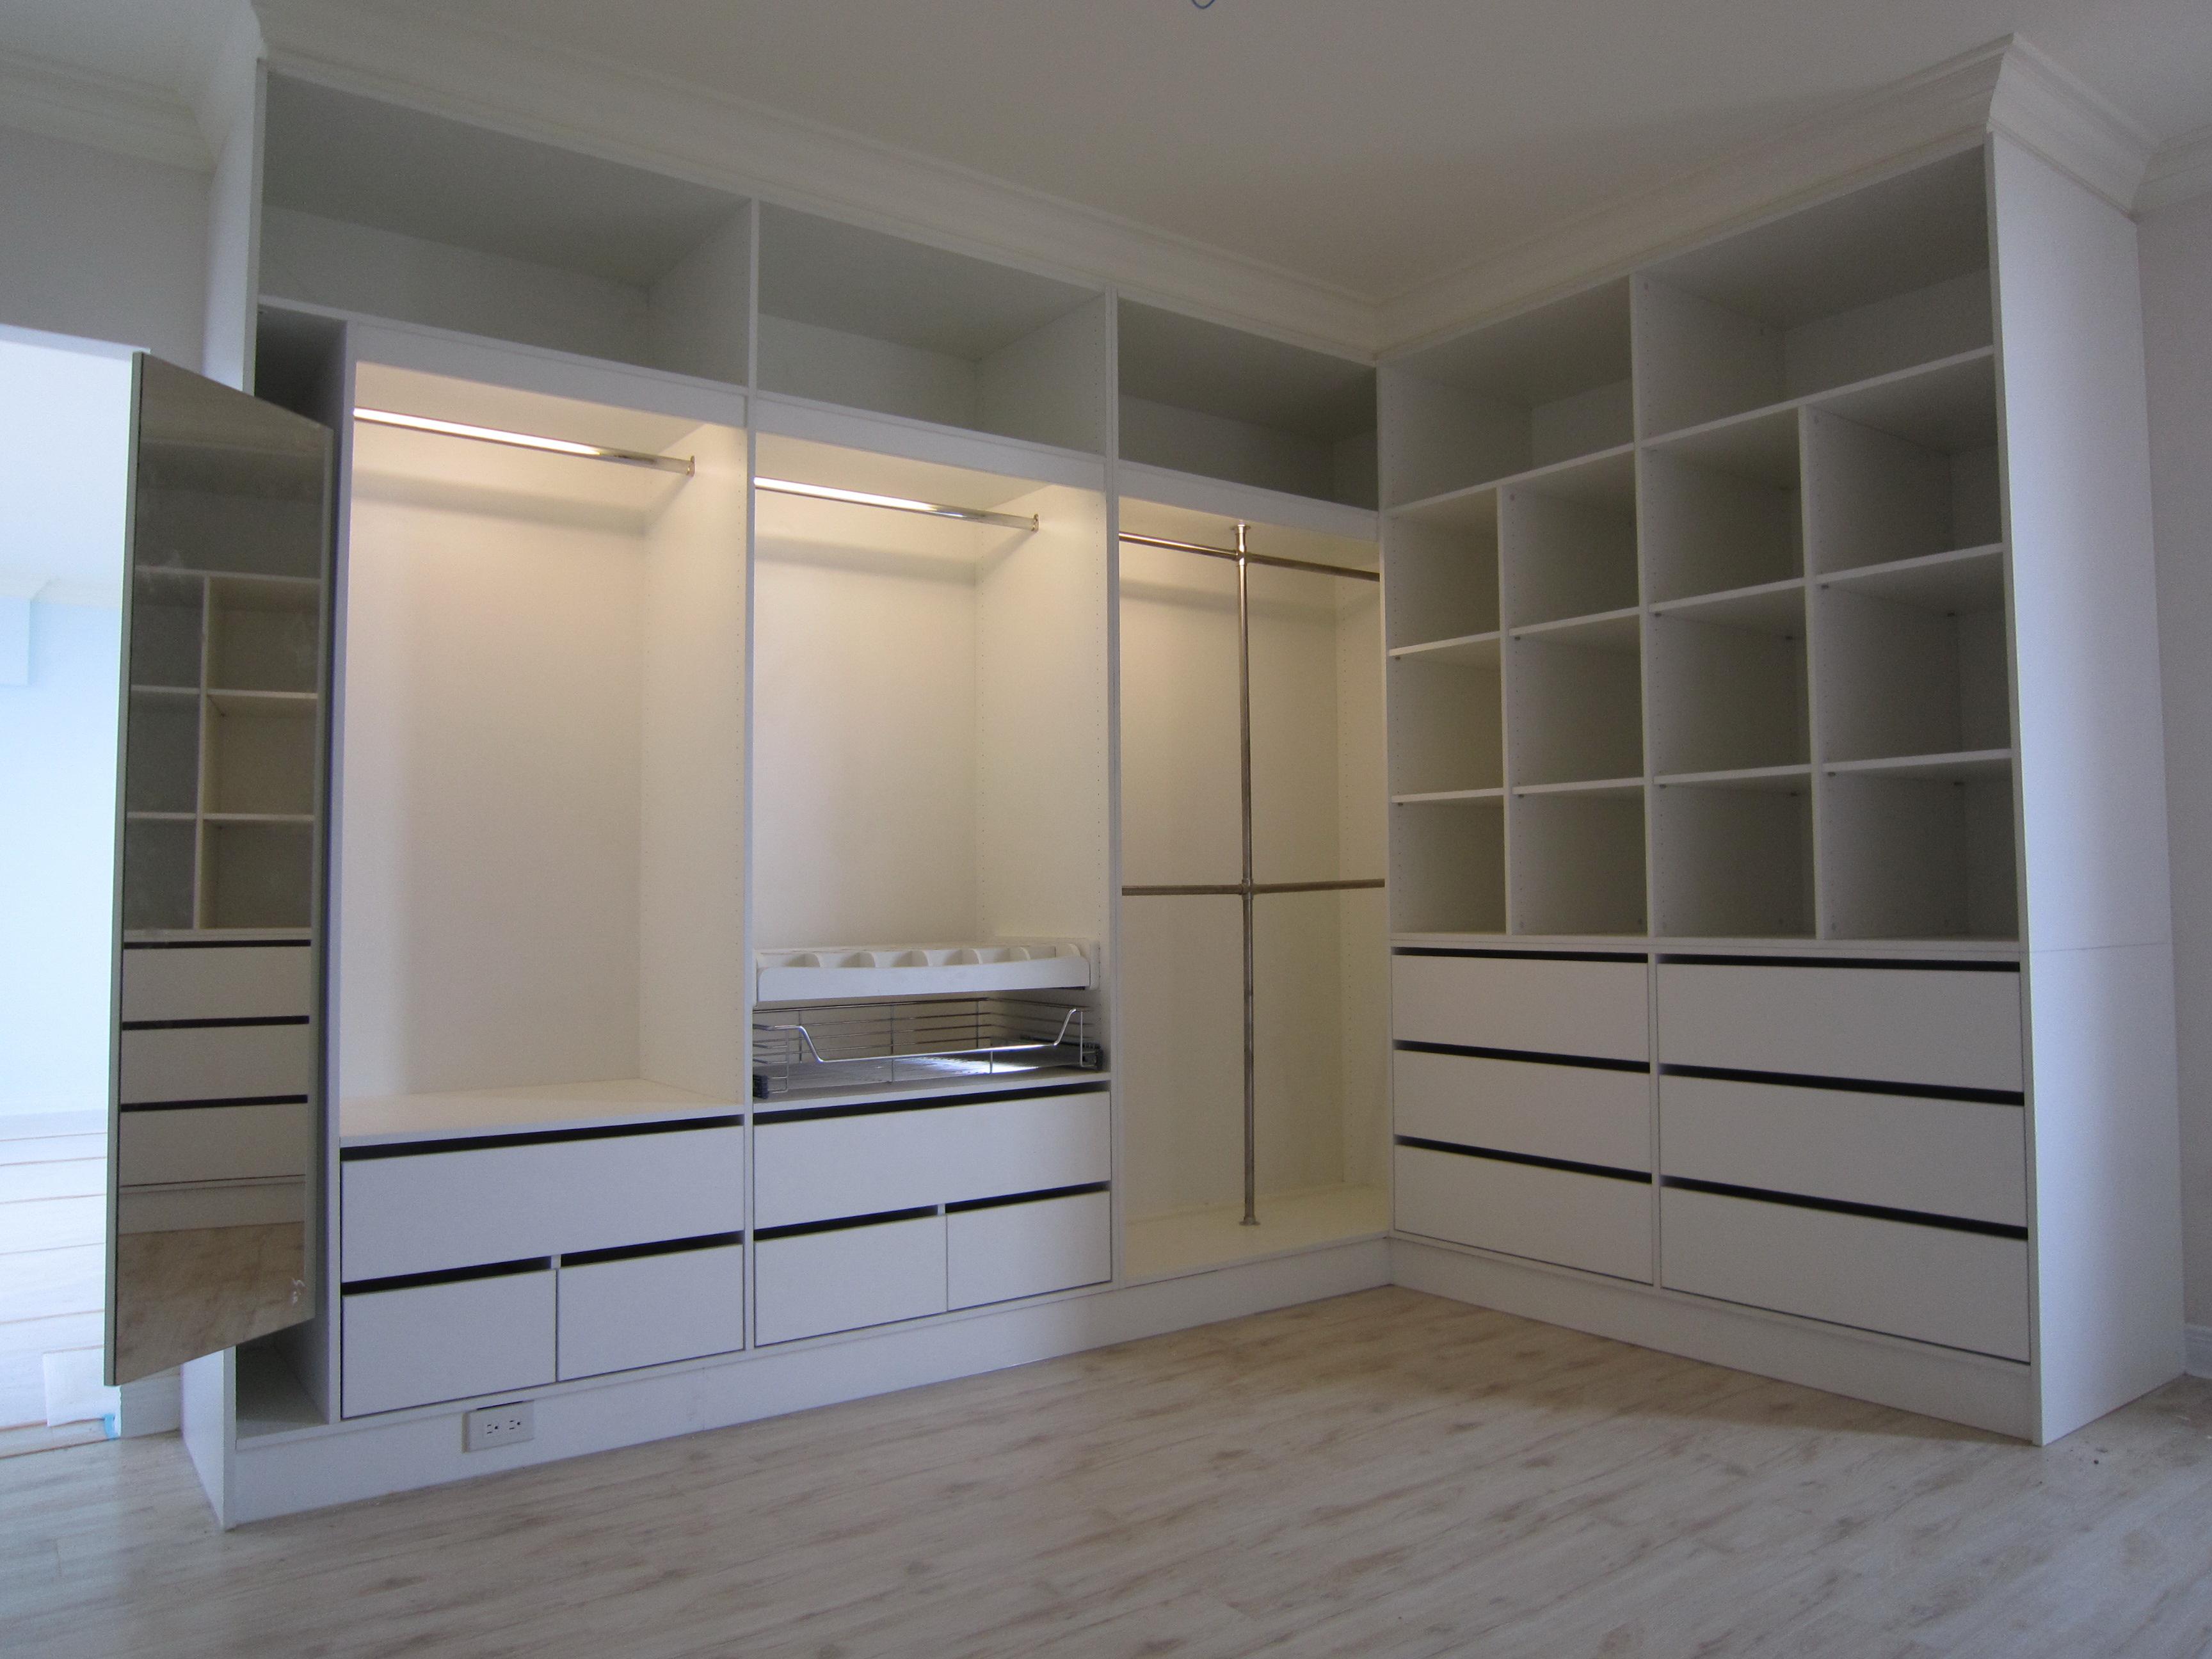 室内彩平图素材 衣柜